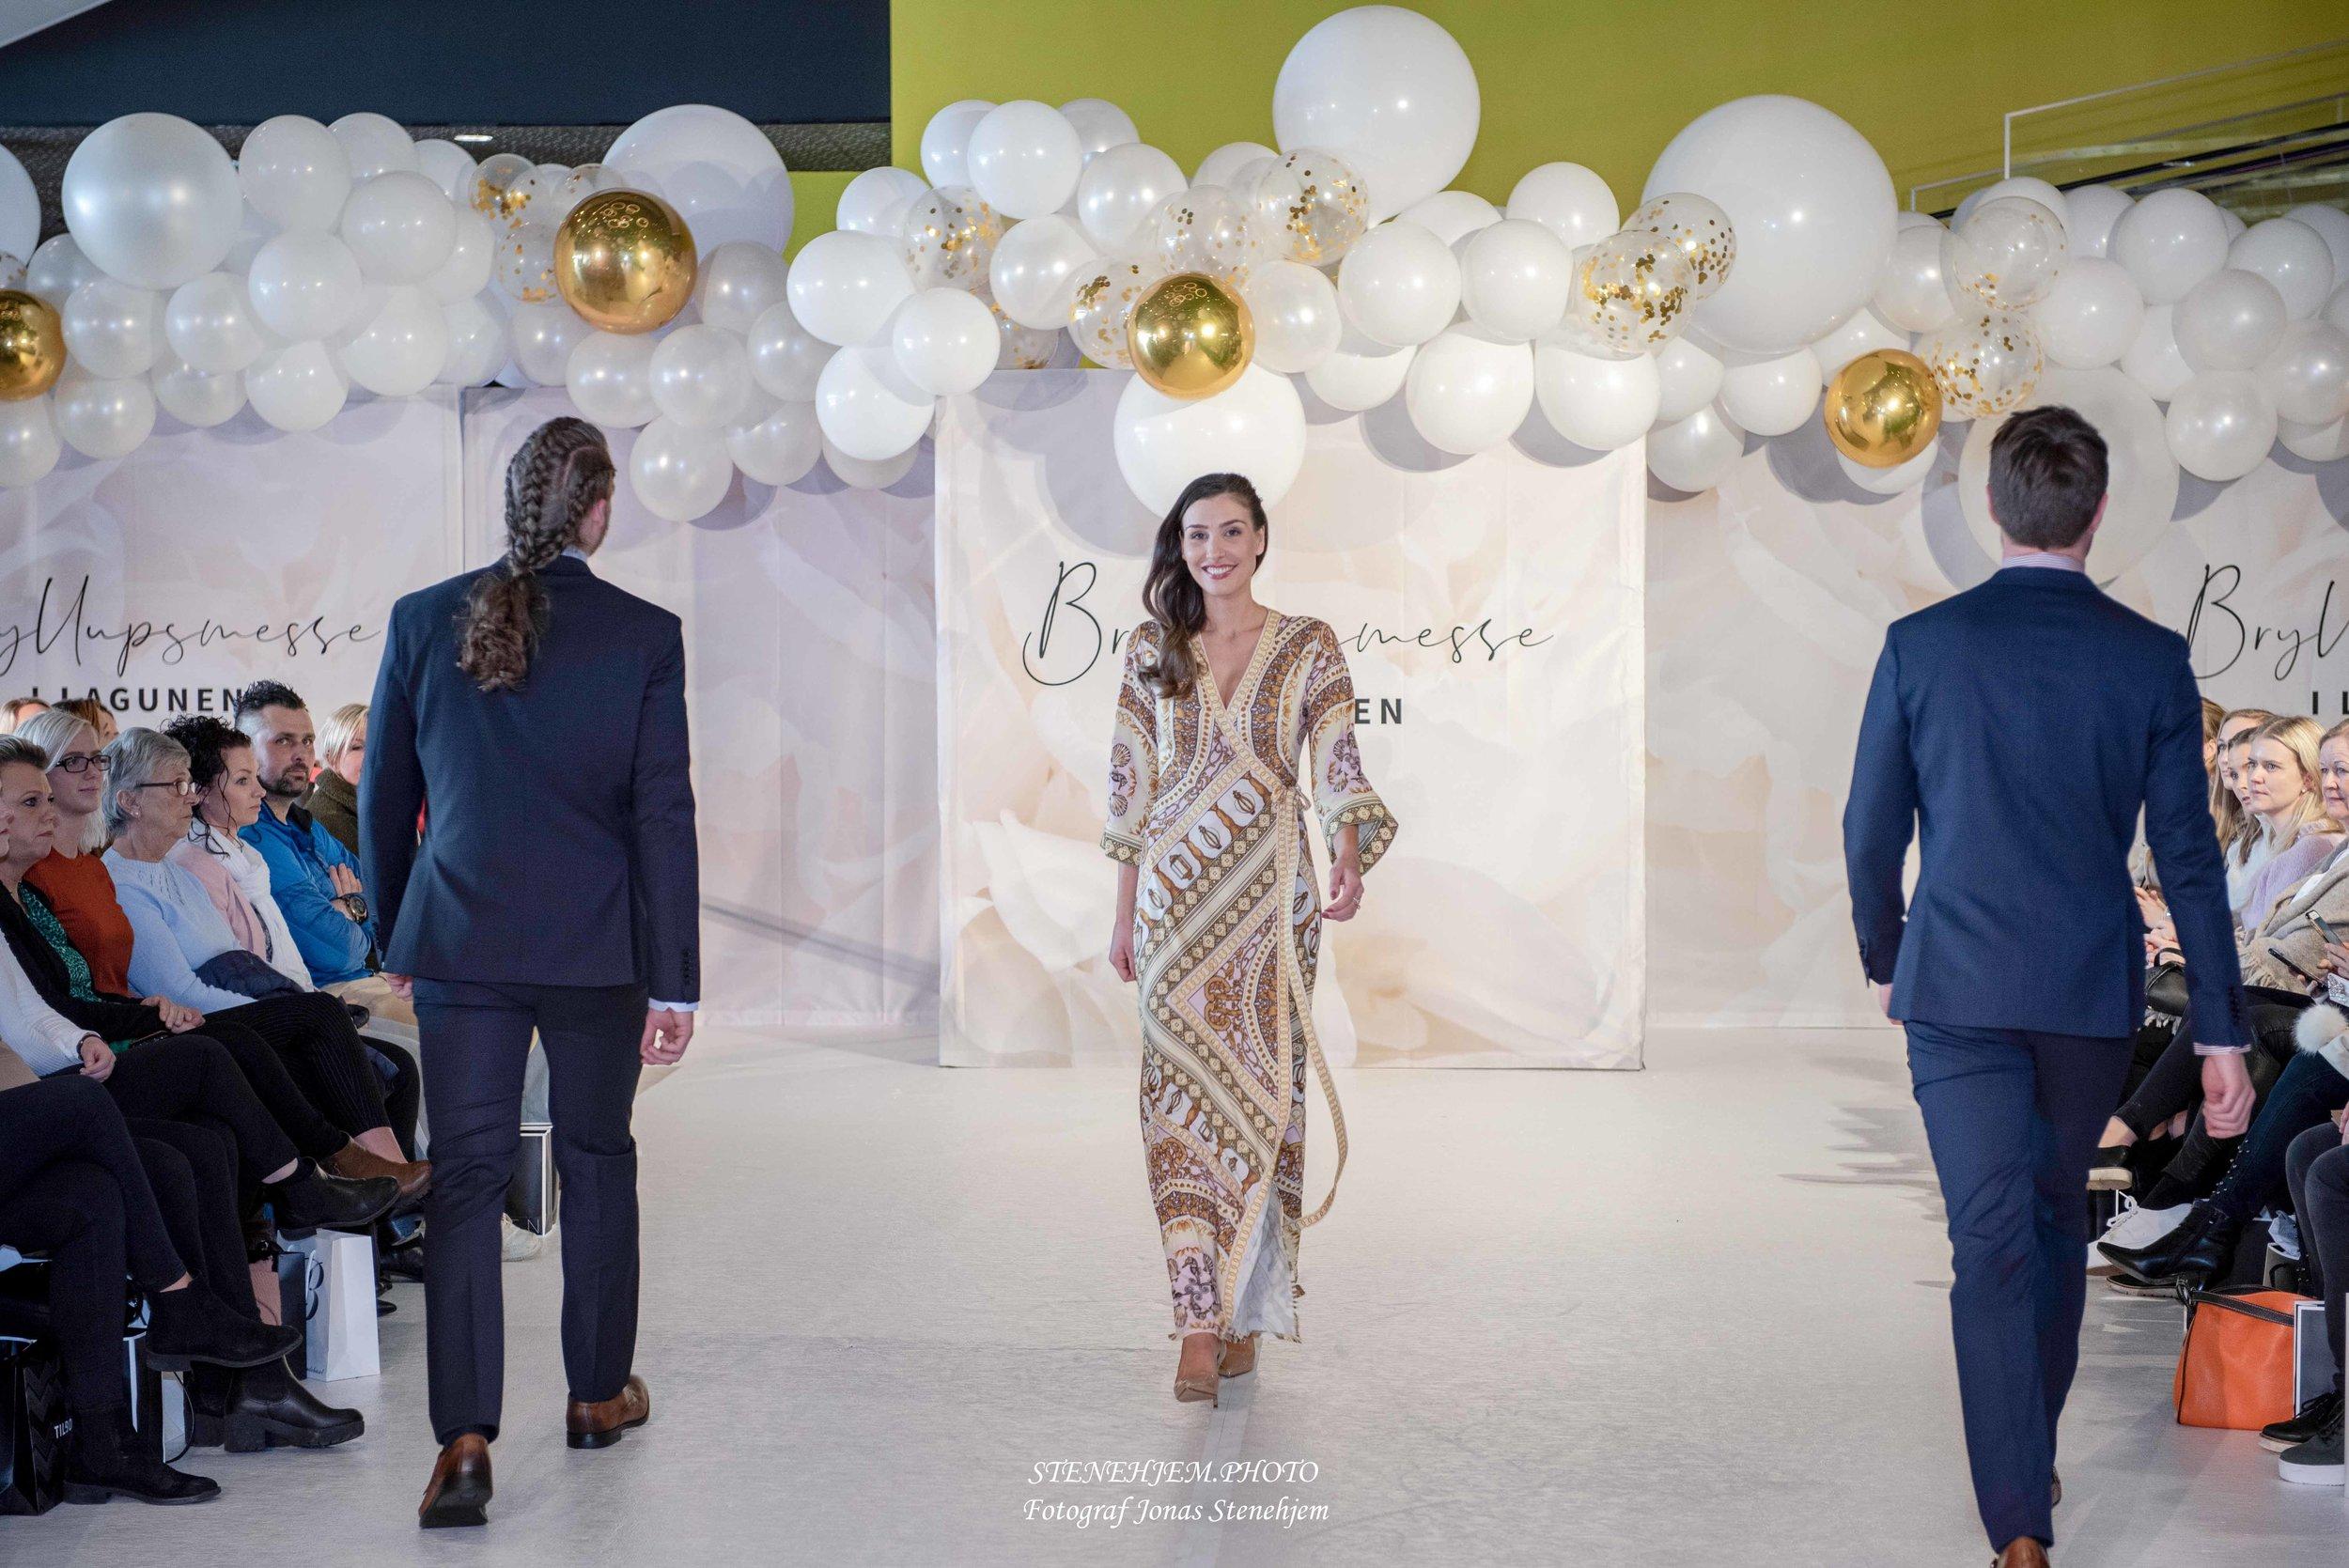 lagunen_fashion_mittaltweddingfair__008.jpg